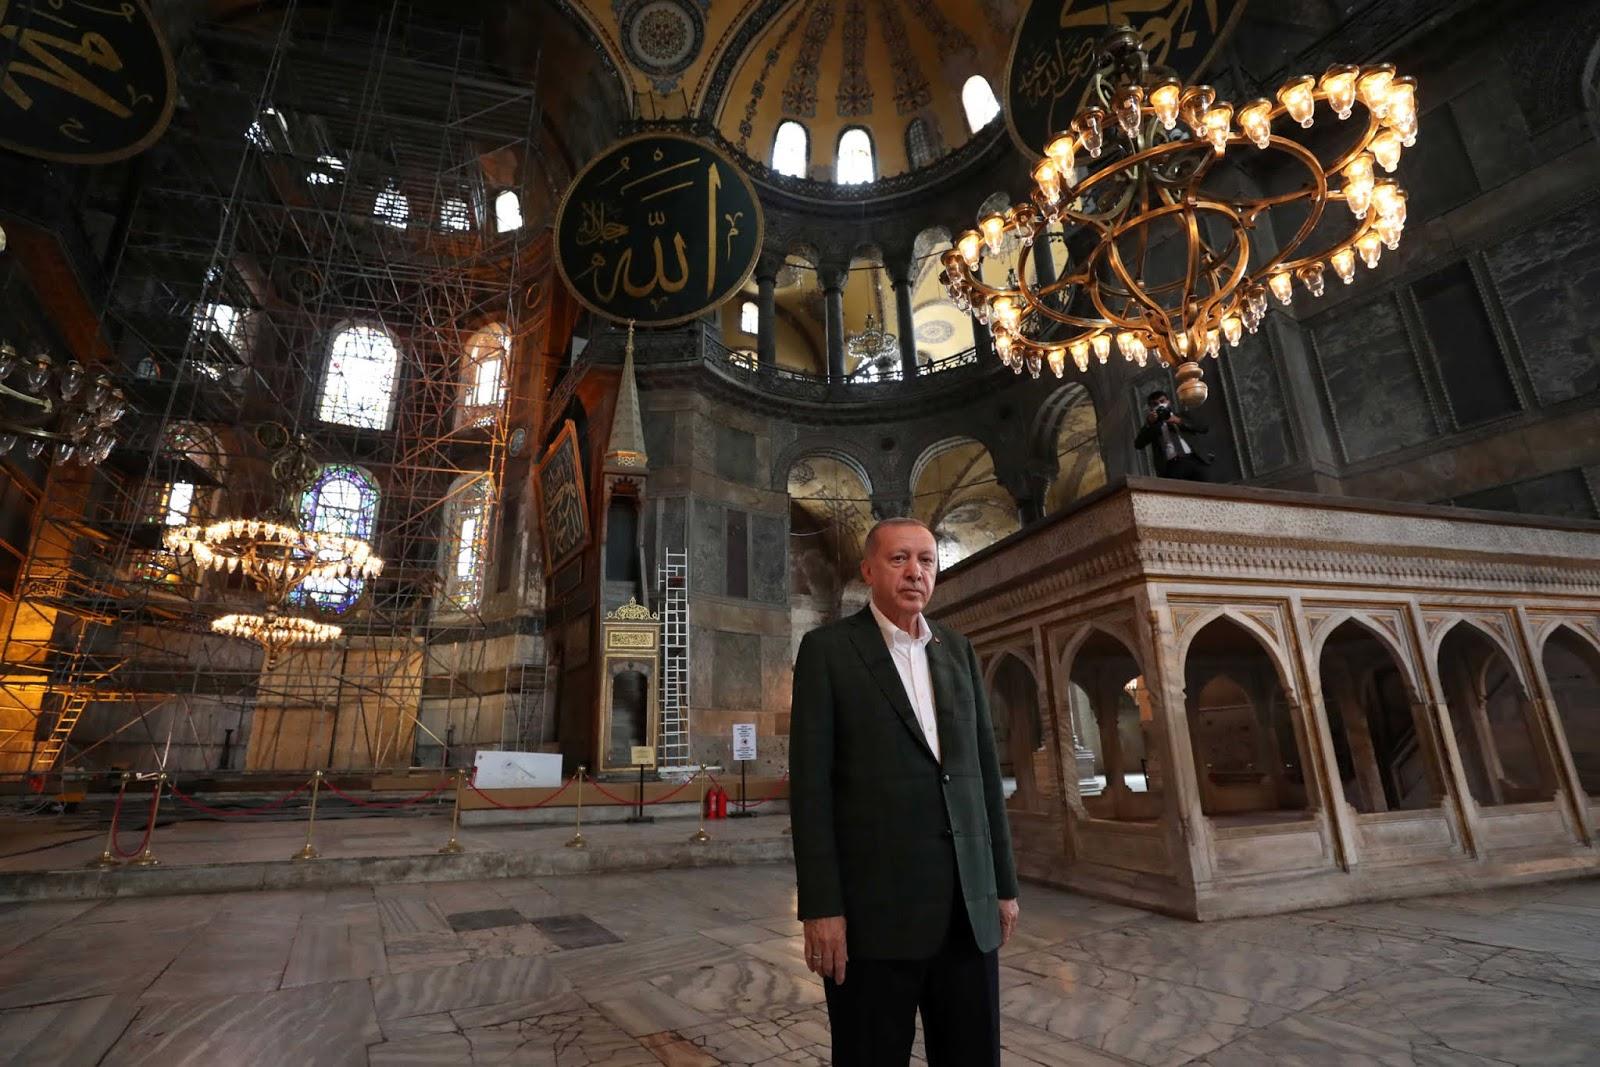 Ερντογάν: Κάποιοι ξεχνούν ότι η Κωνσταντινούπολη είναι τουρκικό έδαφος